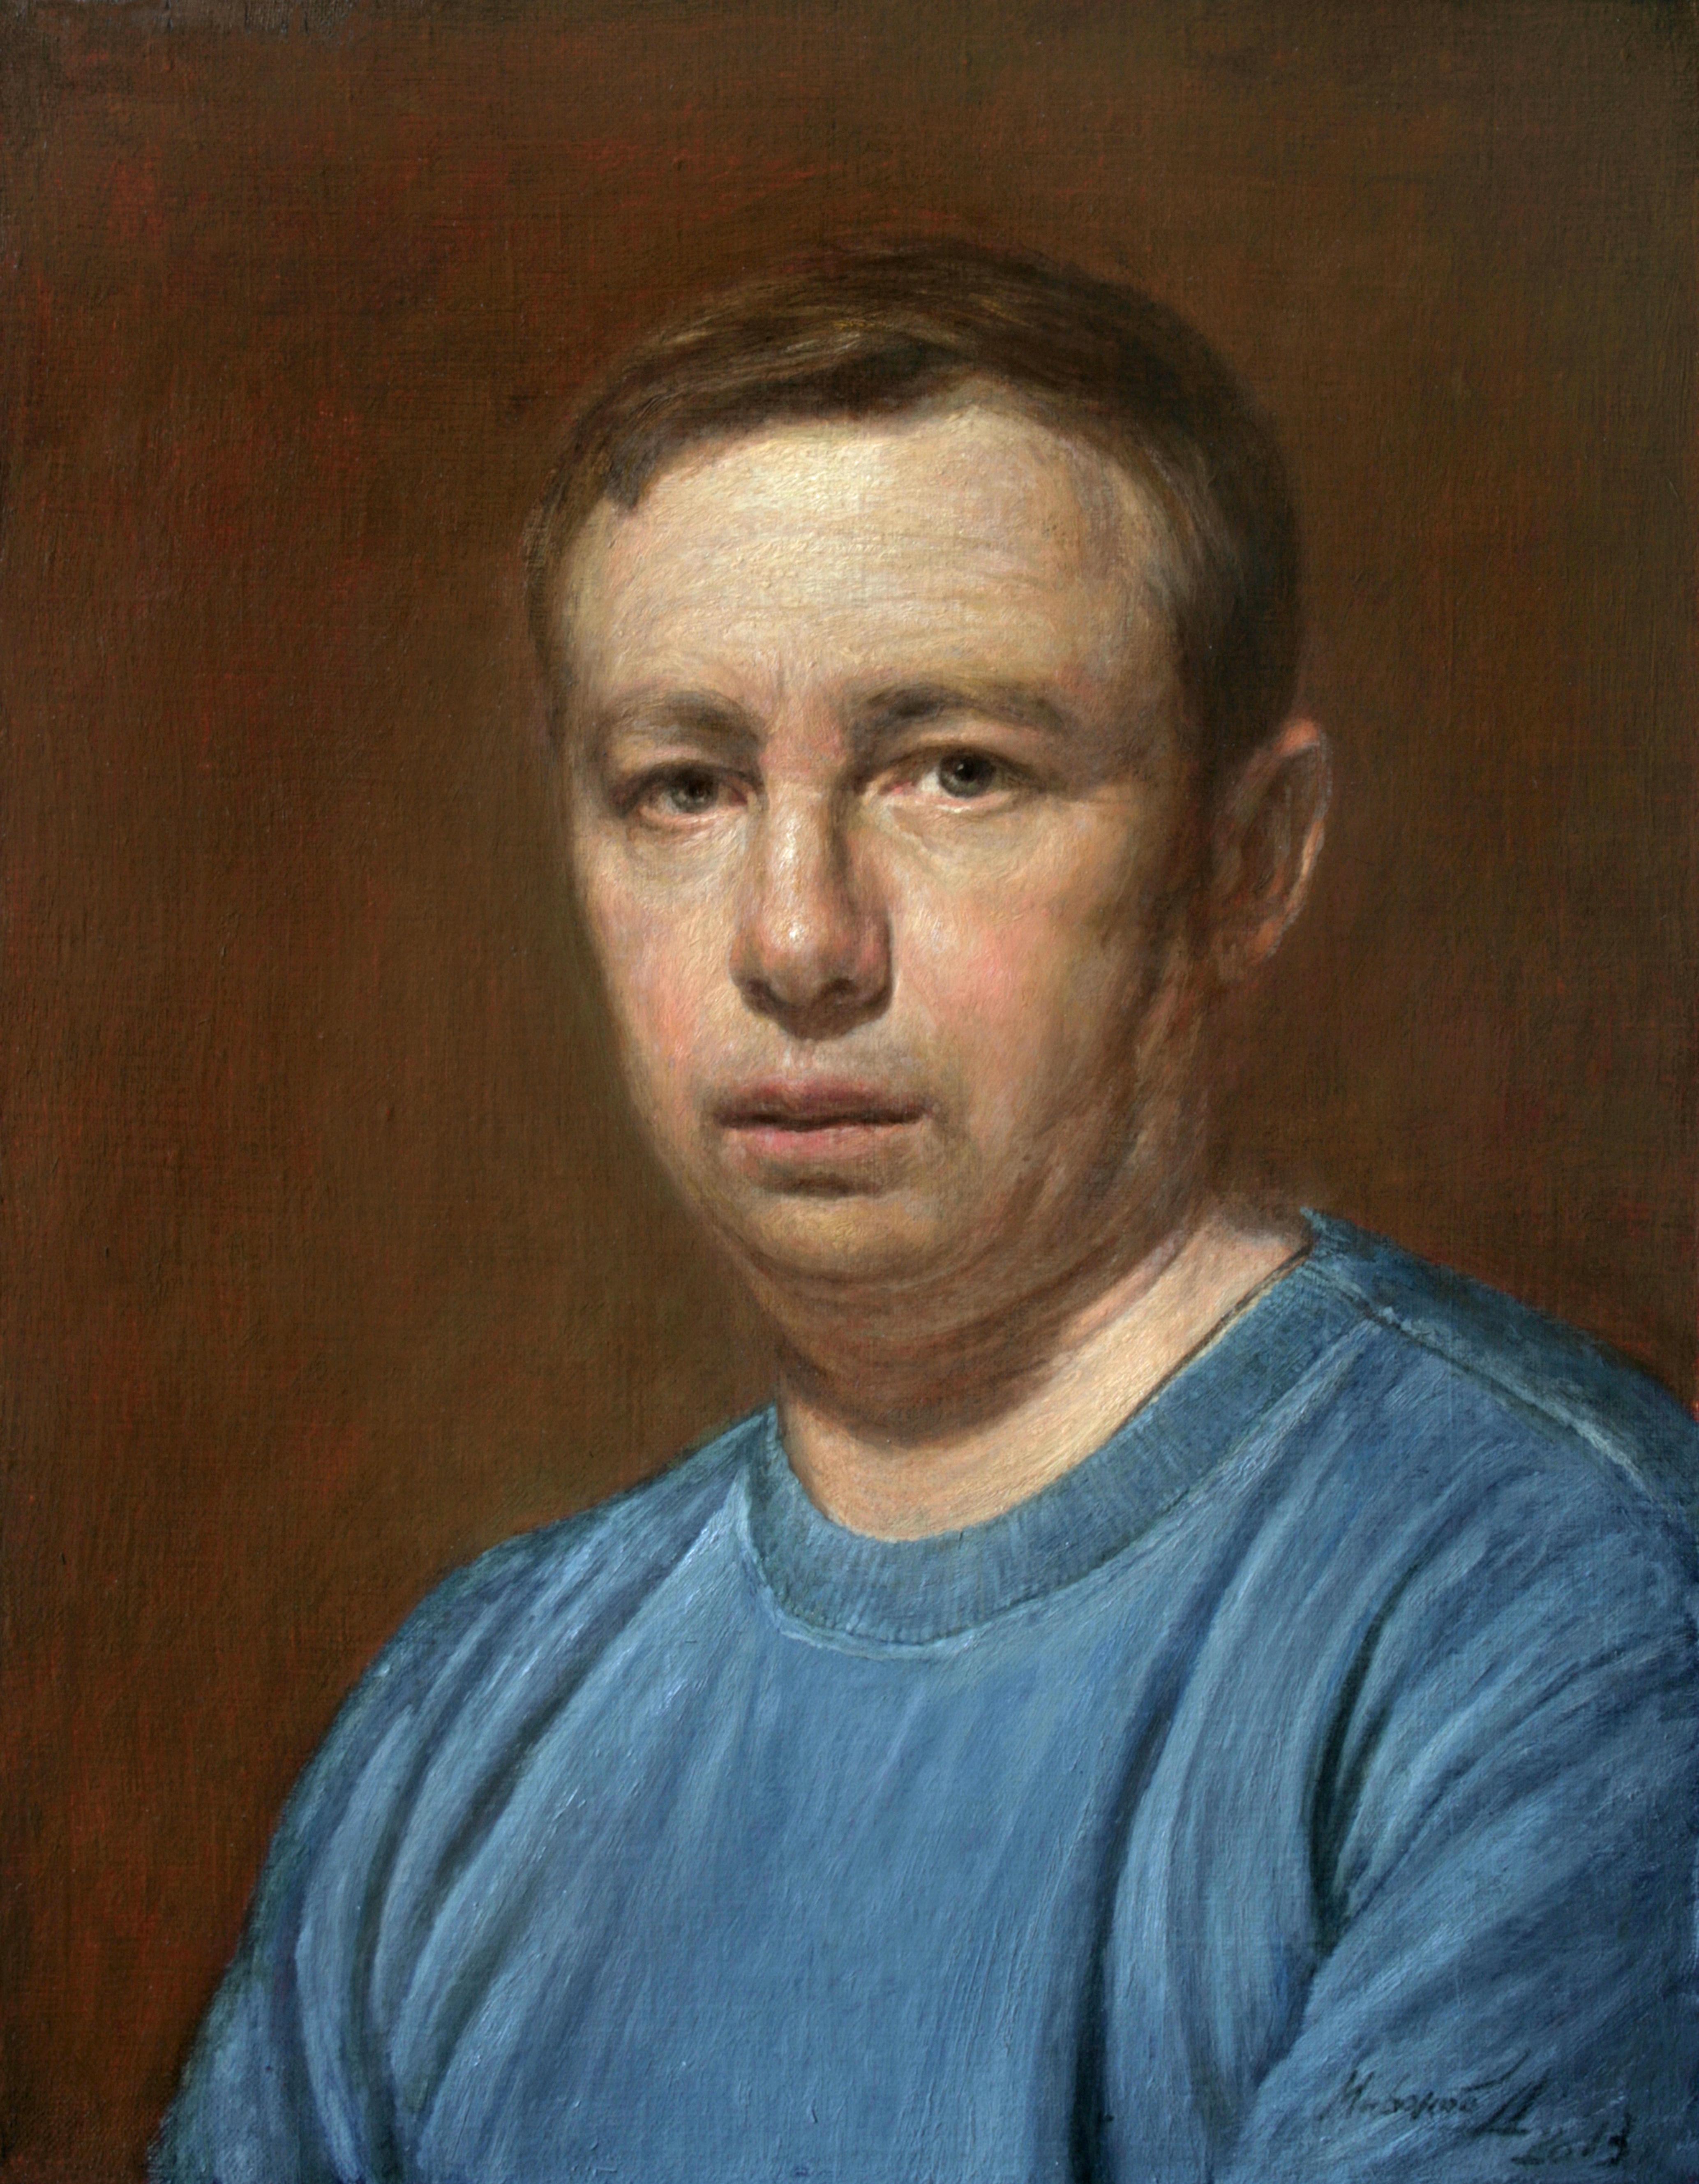 FileSelf Portrait A Mironov